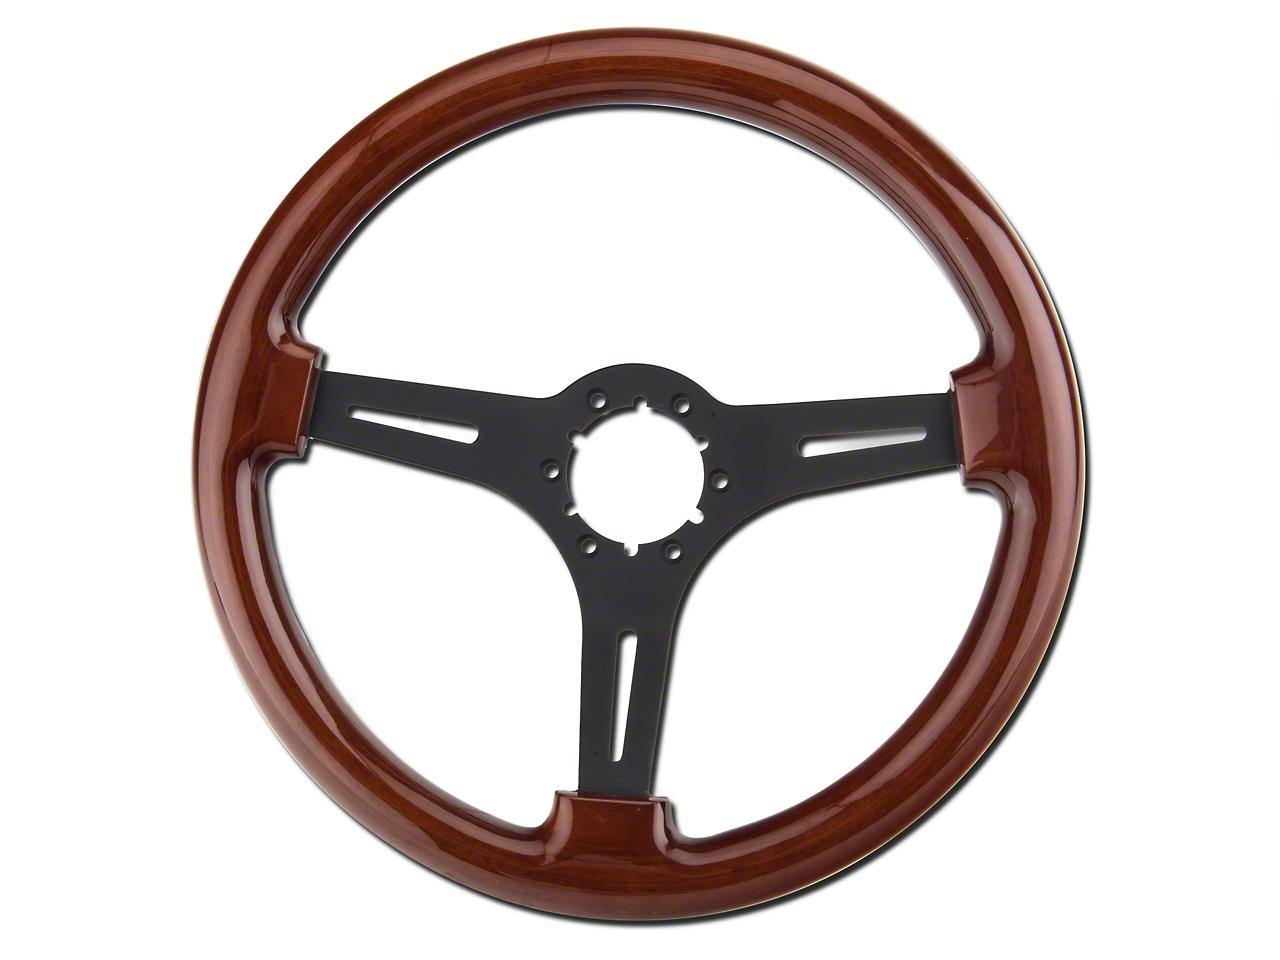 Wood & Black Steering Wheel (79-04 All)